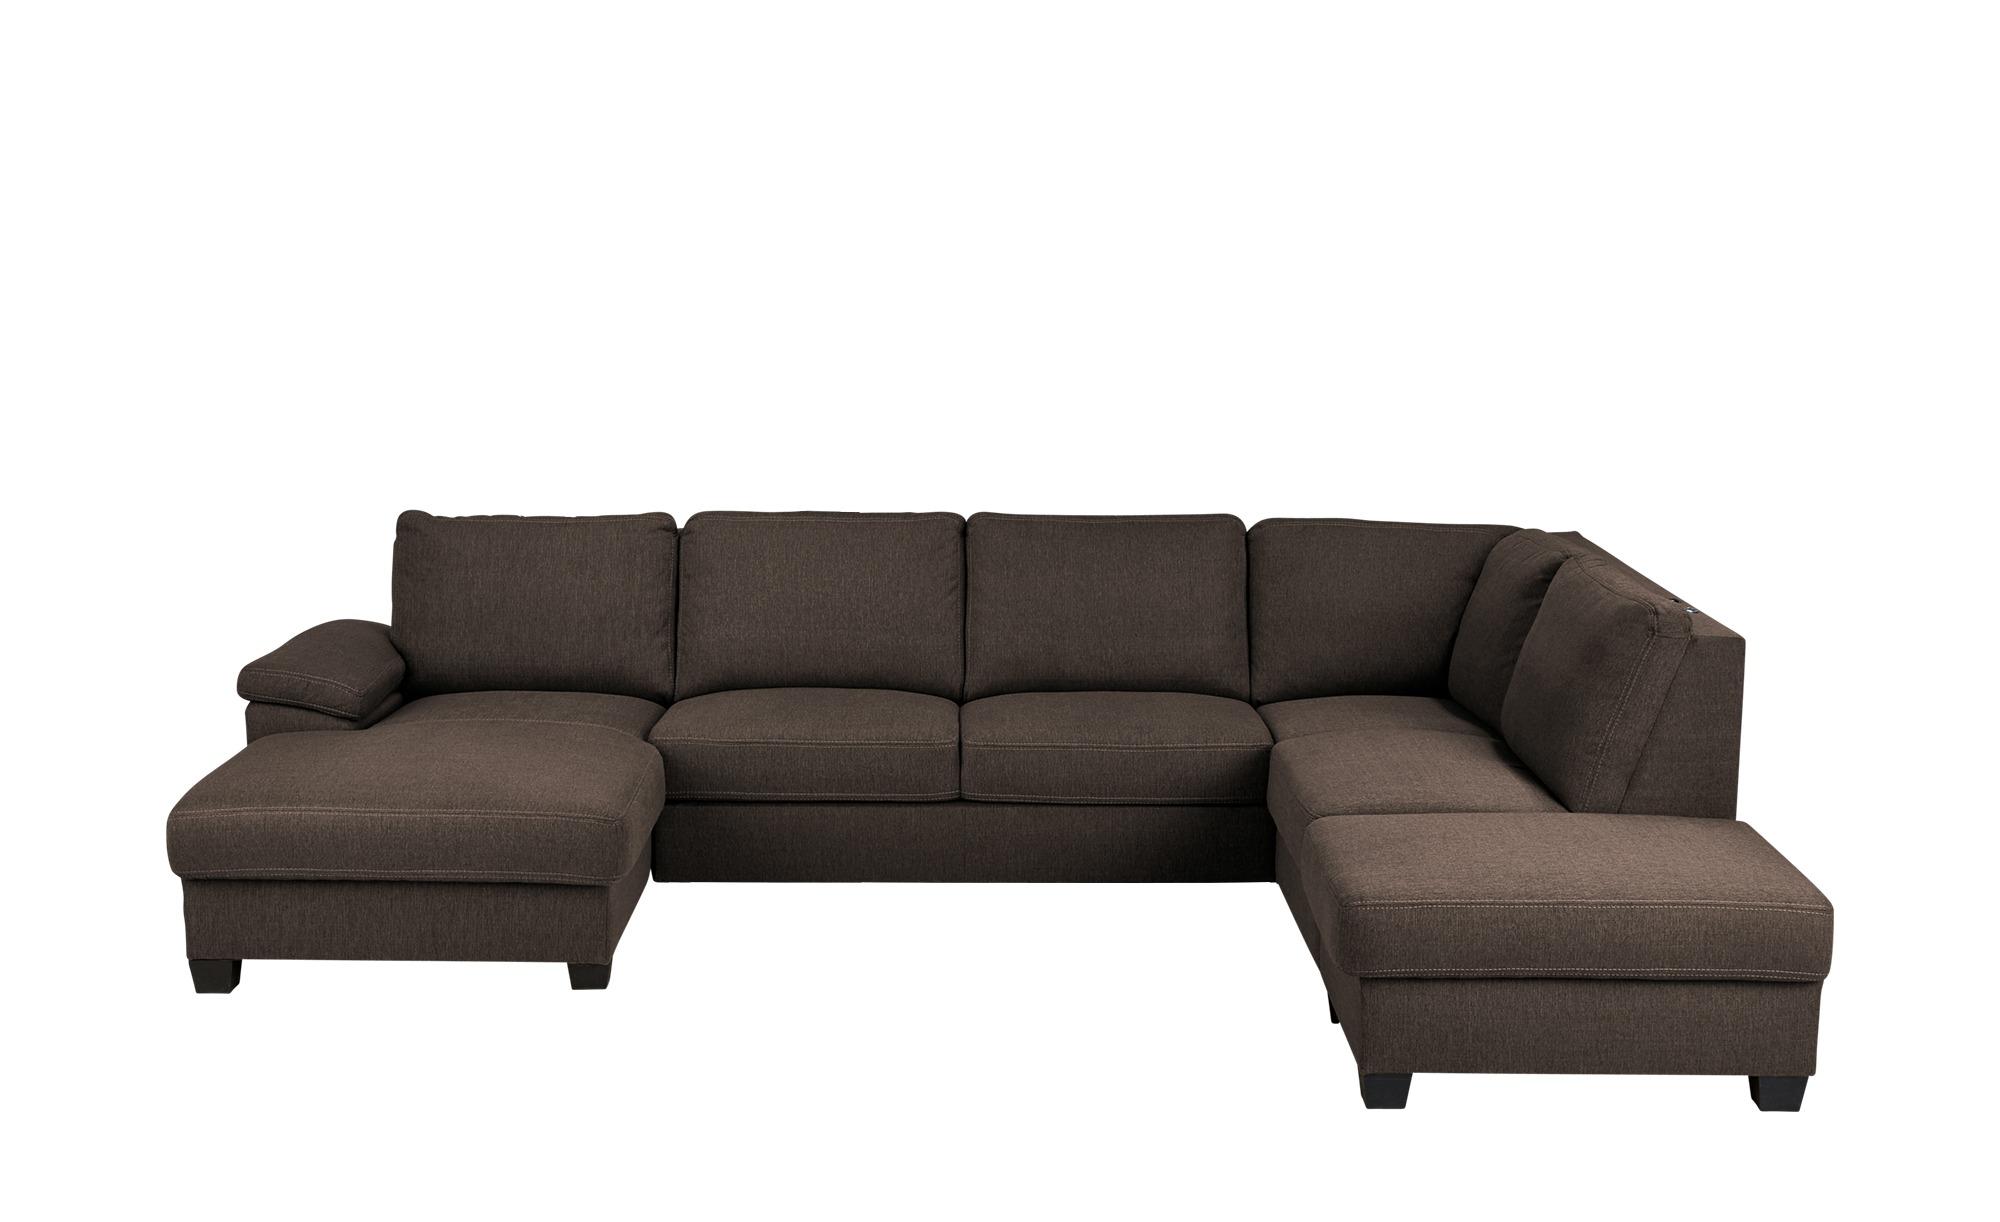 switch cappuccino farbene wohnlandschaft vienna breite. Black Bedroom Furniture Sets. Home Design Ideas